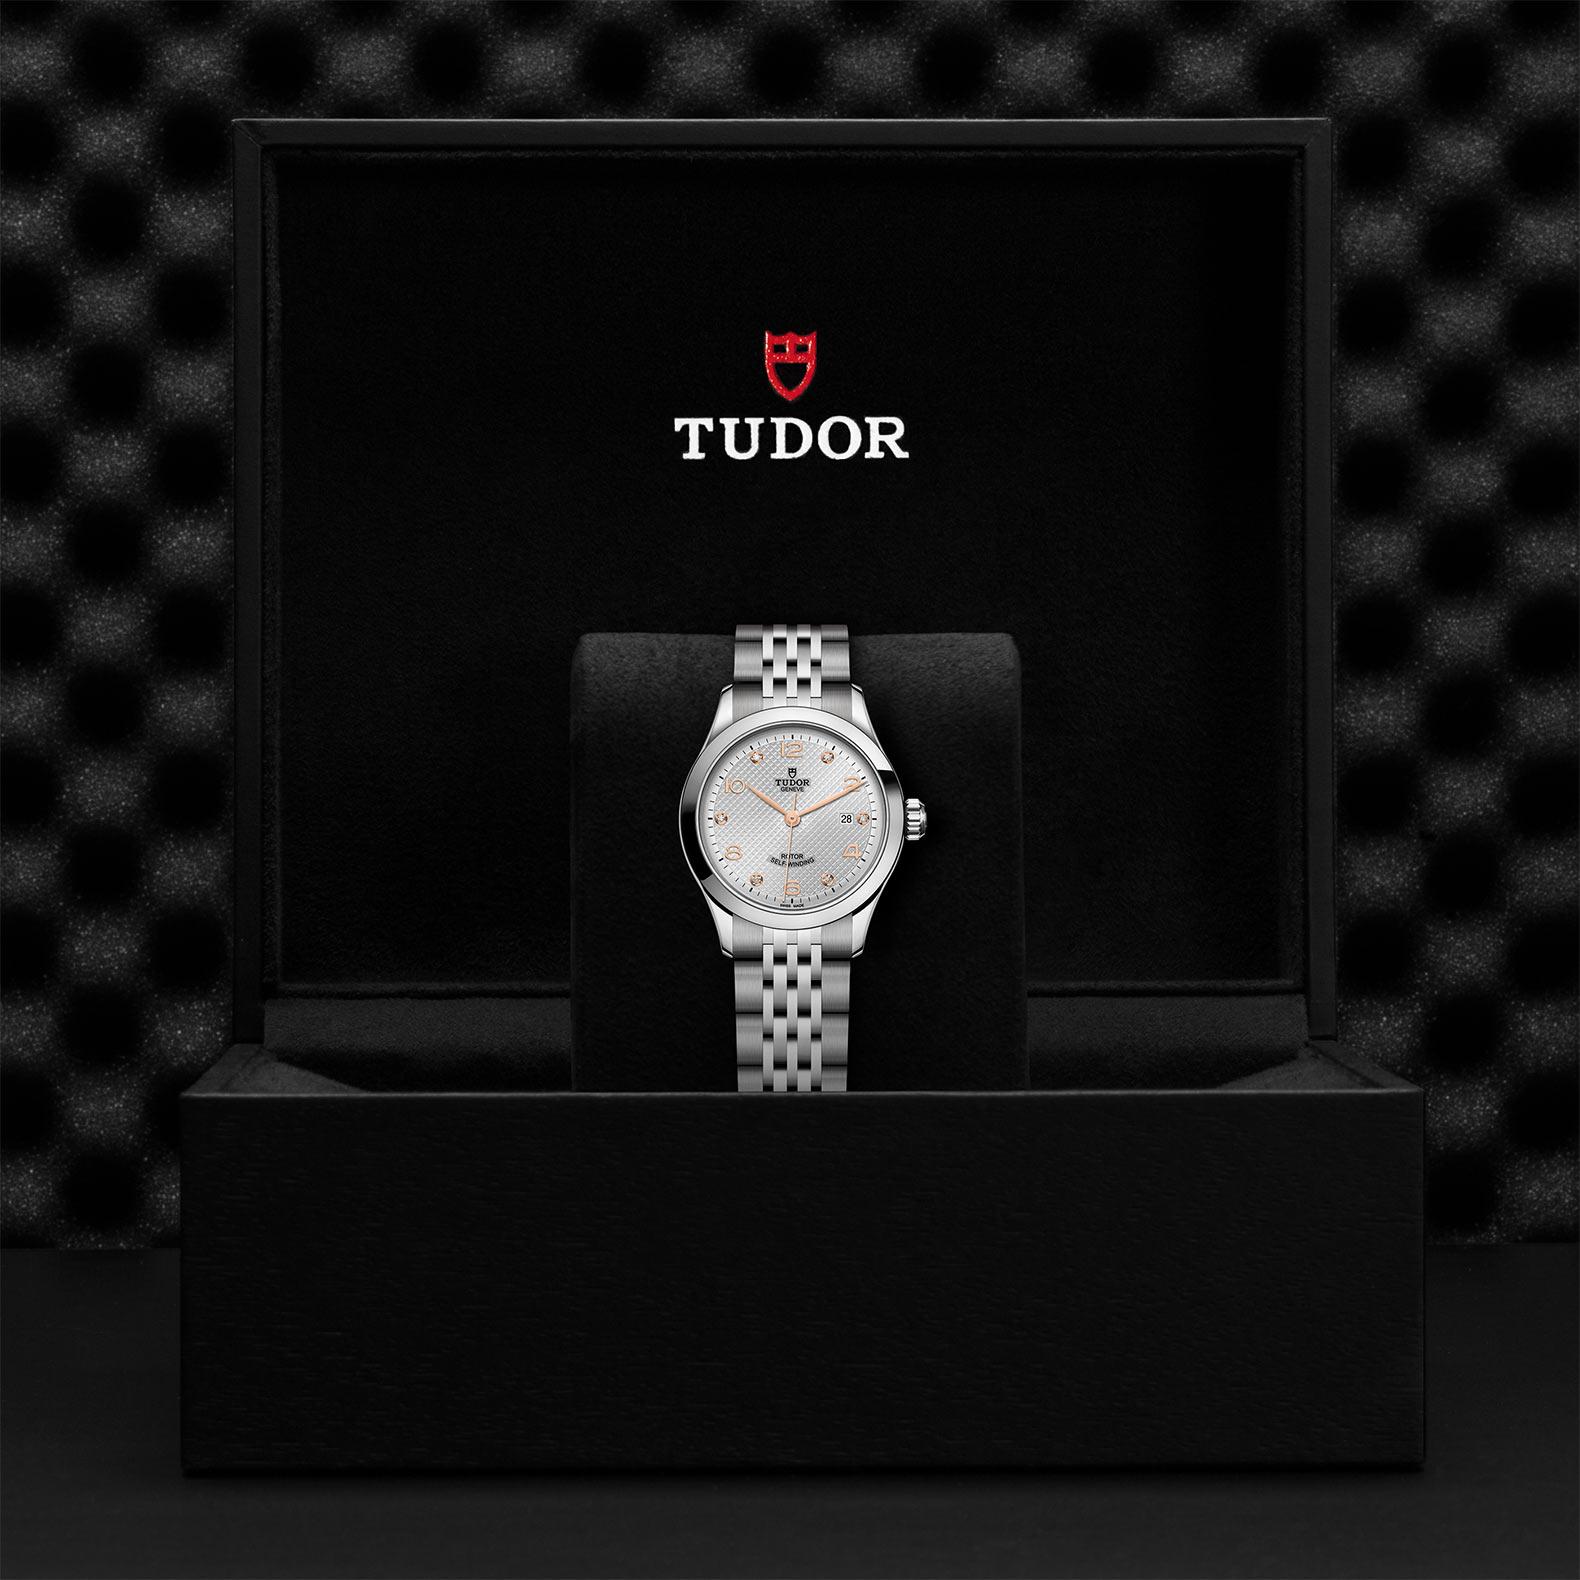 TUDOR 1926 M91350 0003 Presentation